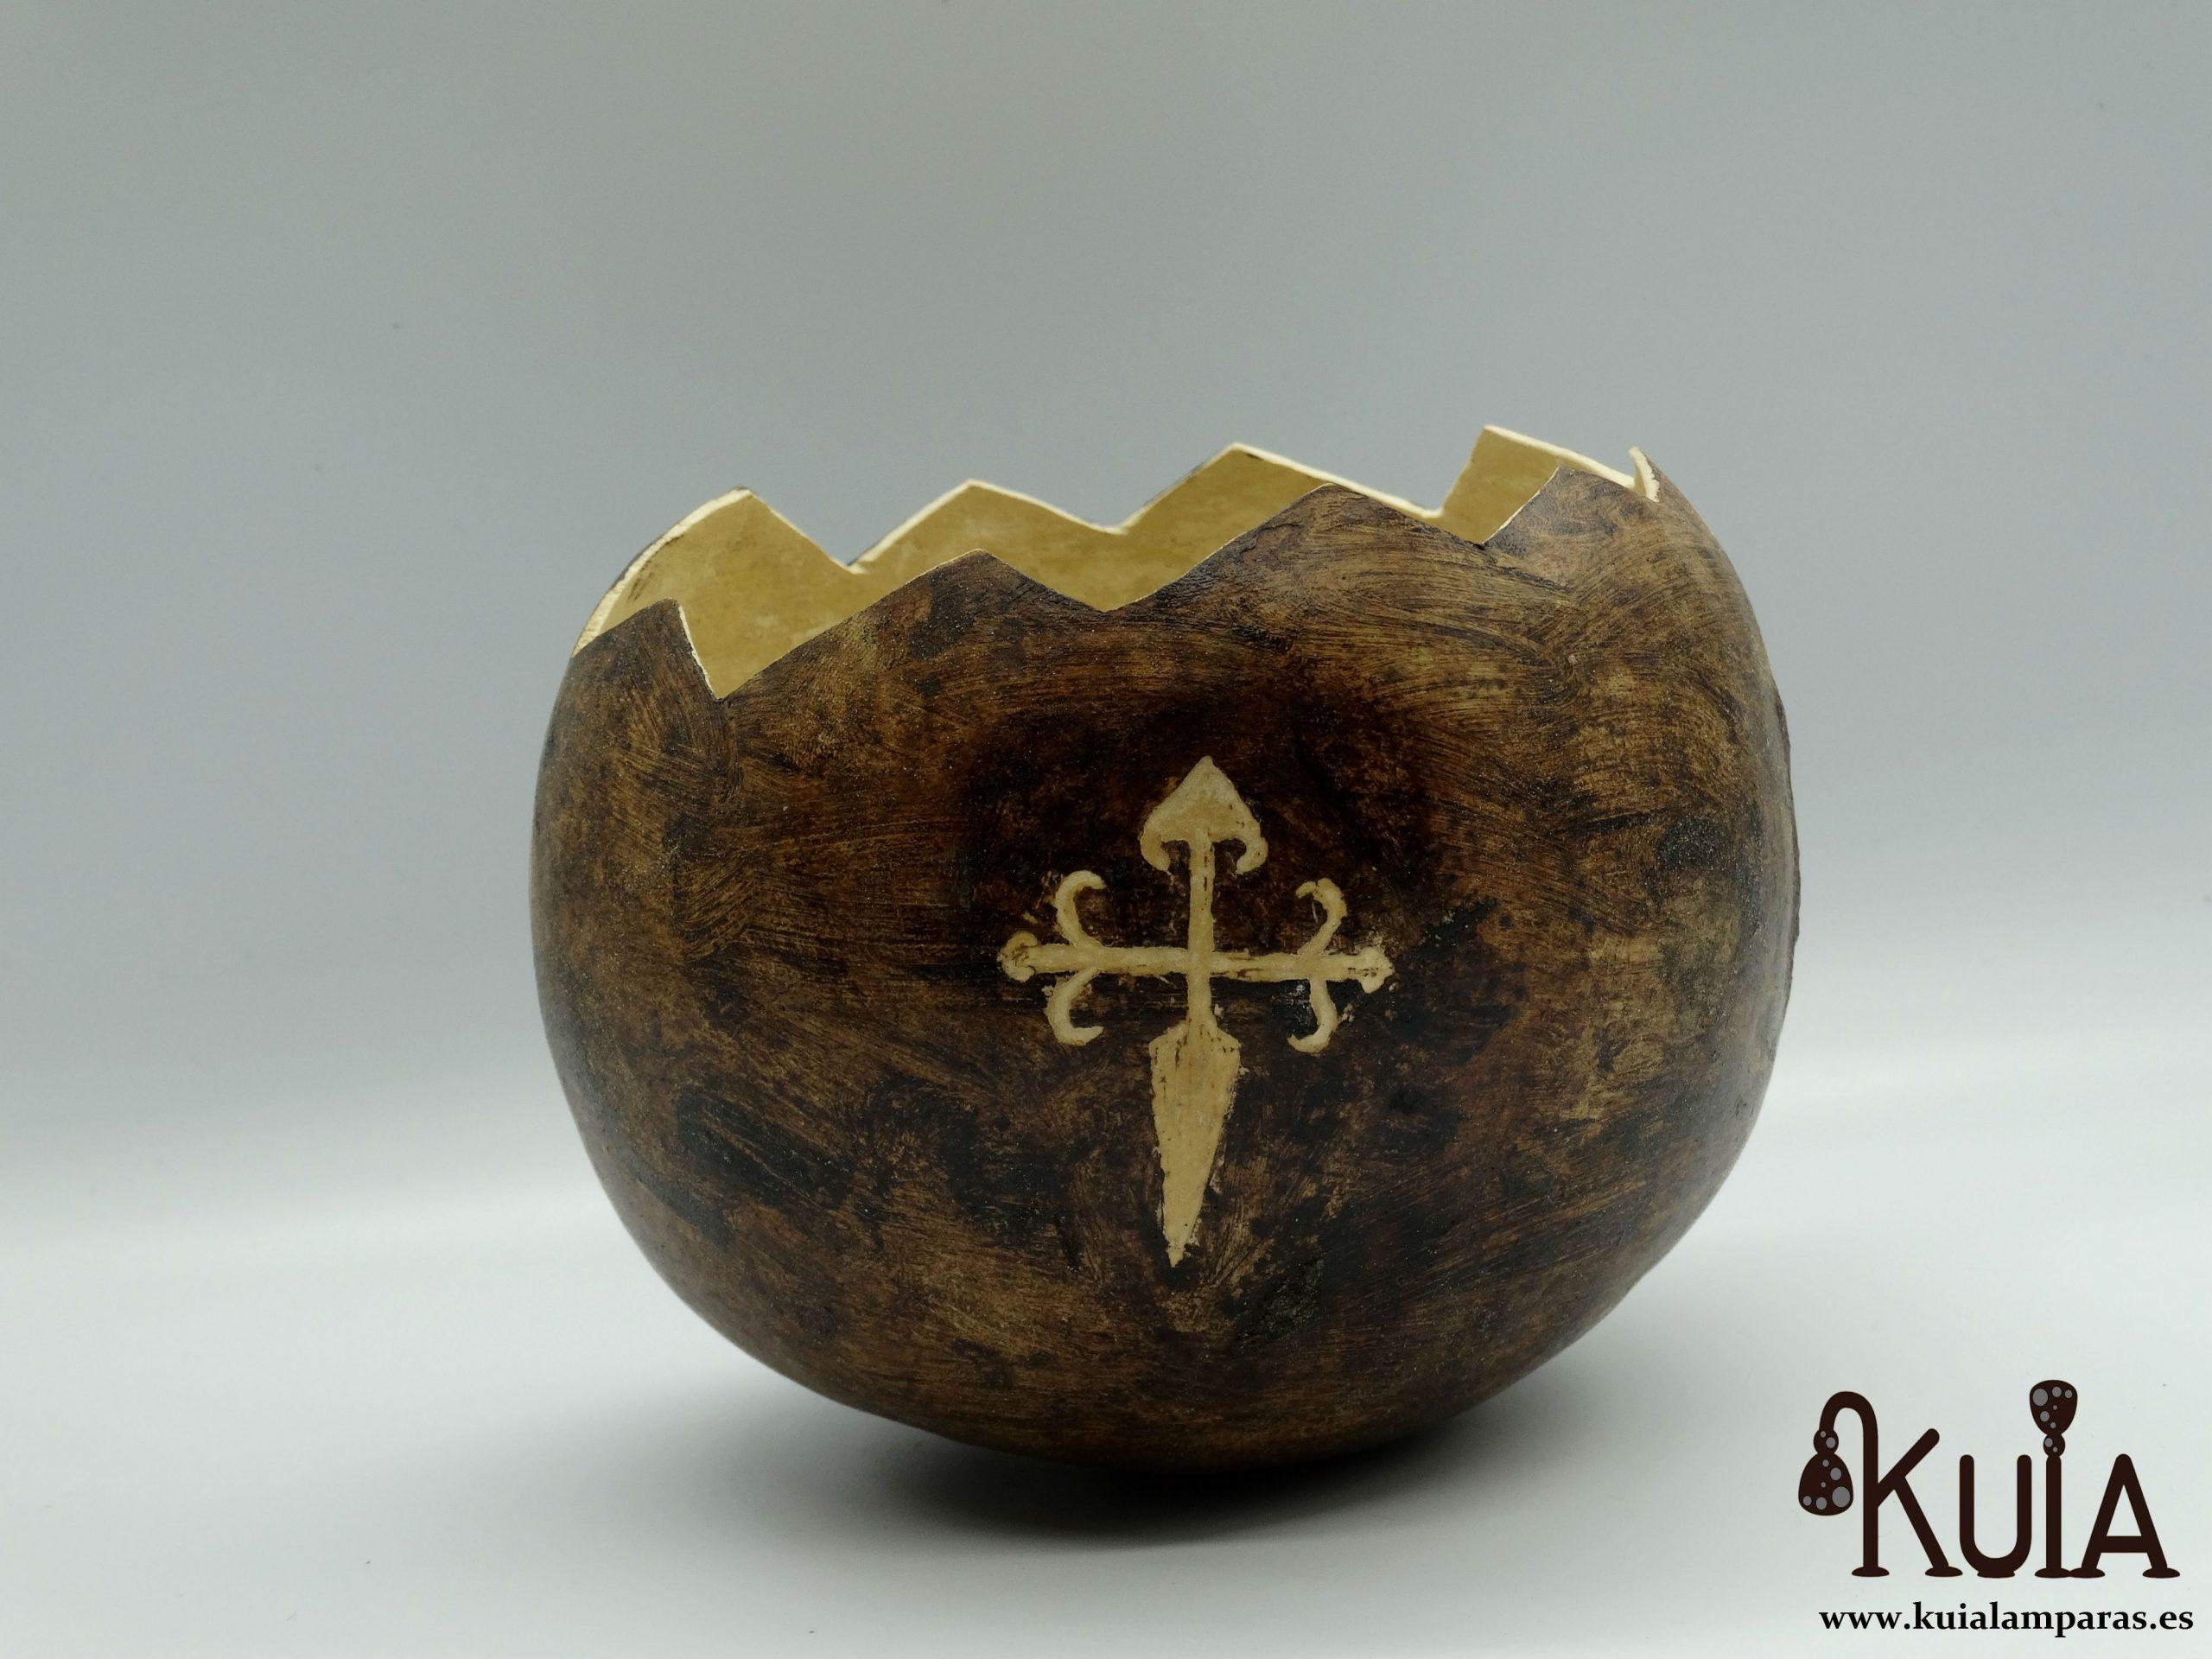 cruz de santiago en calabaza